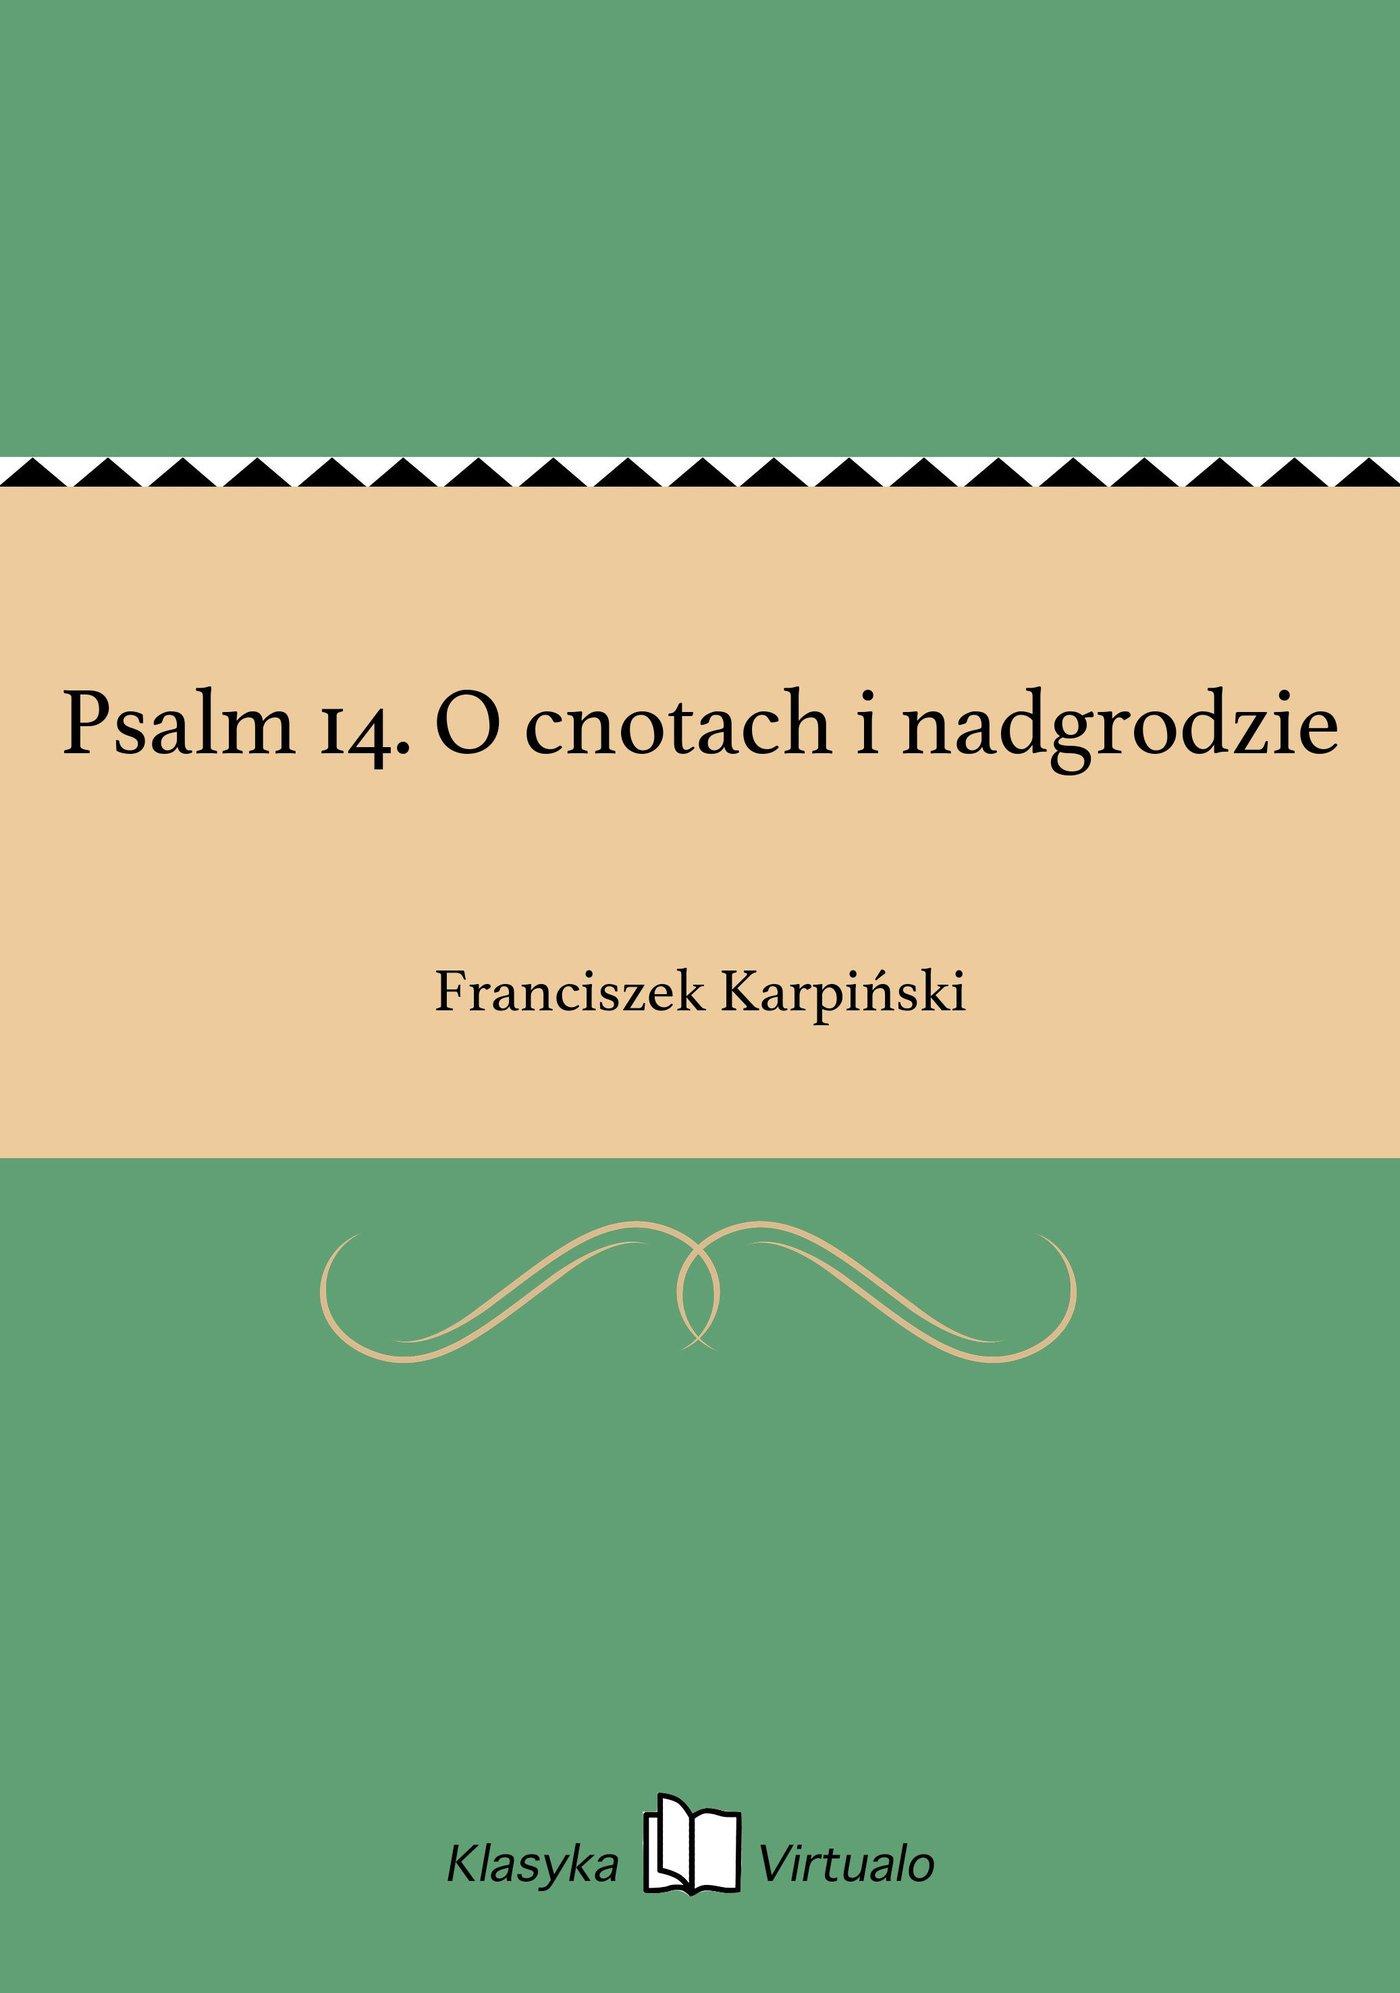 Psalm 14. O cnotach i nadgrodzie - Ebook (Książka EPUB) do pobrania w formacie EPUB